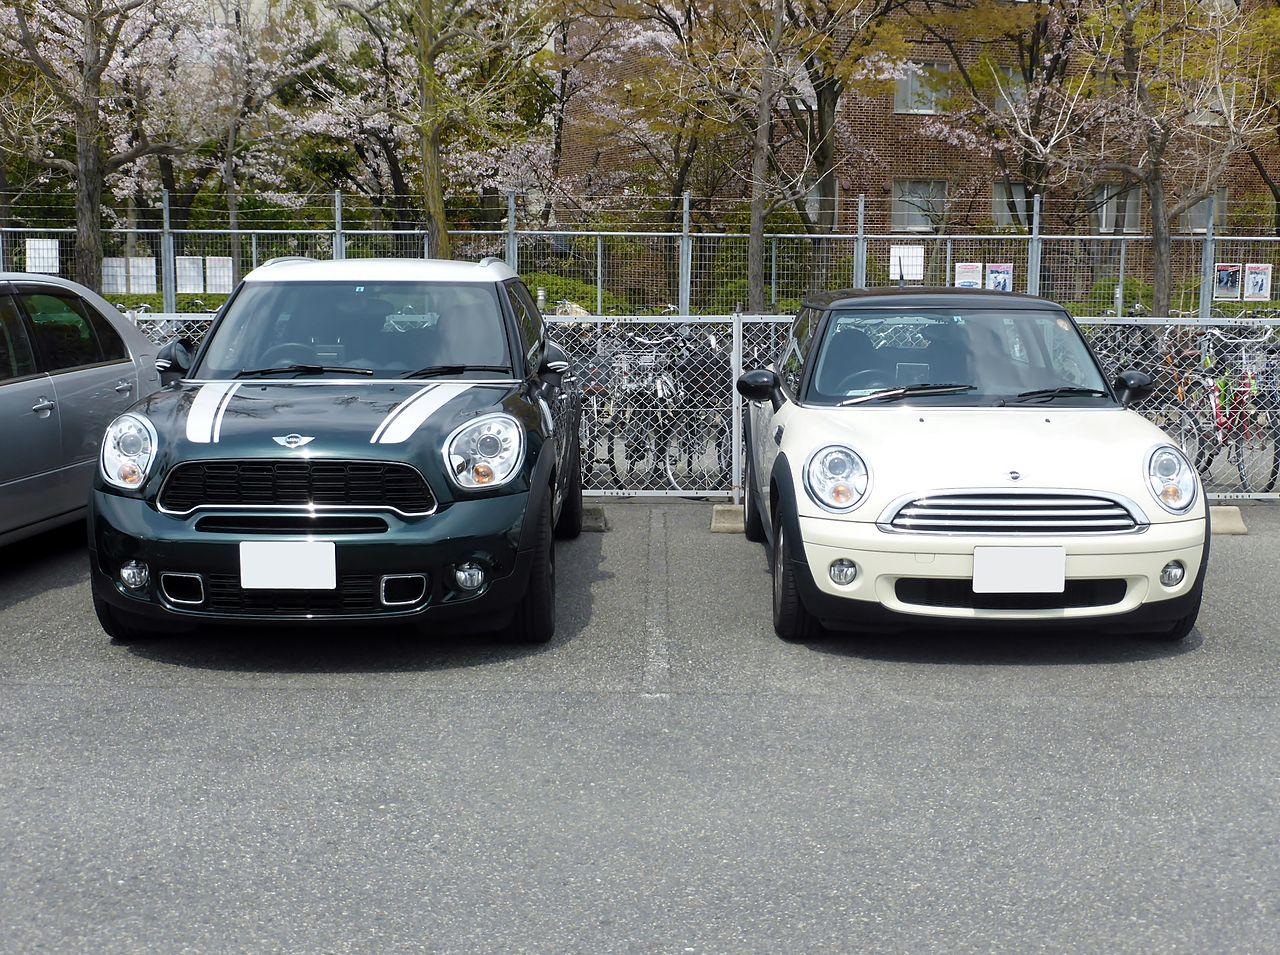 Mini mini cooper crossover : File:BMW MINI ONE (R56) & MINI COOPER S CROSSOVER (R60) front.JPG ...